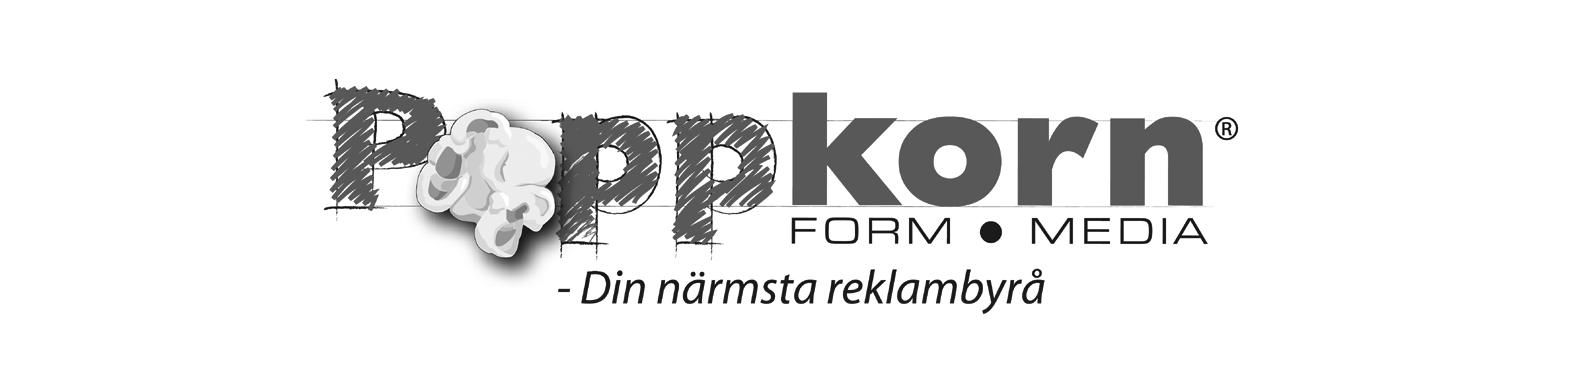 Poppkorn Form & Media